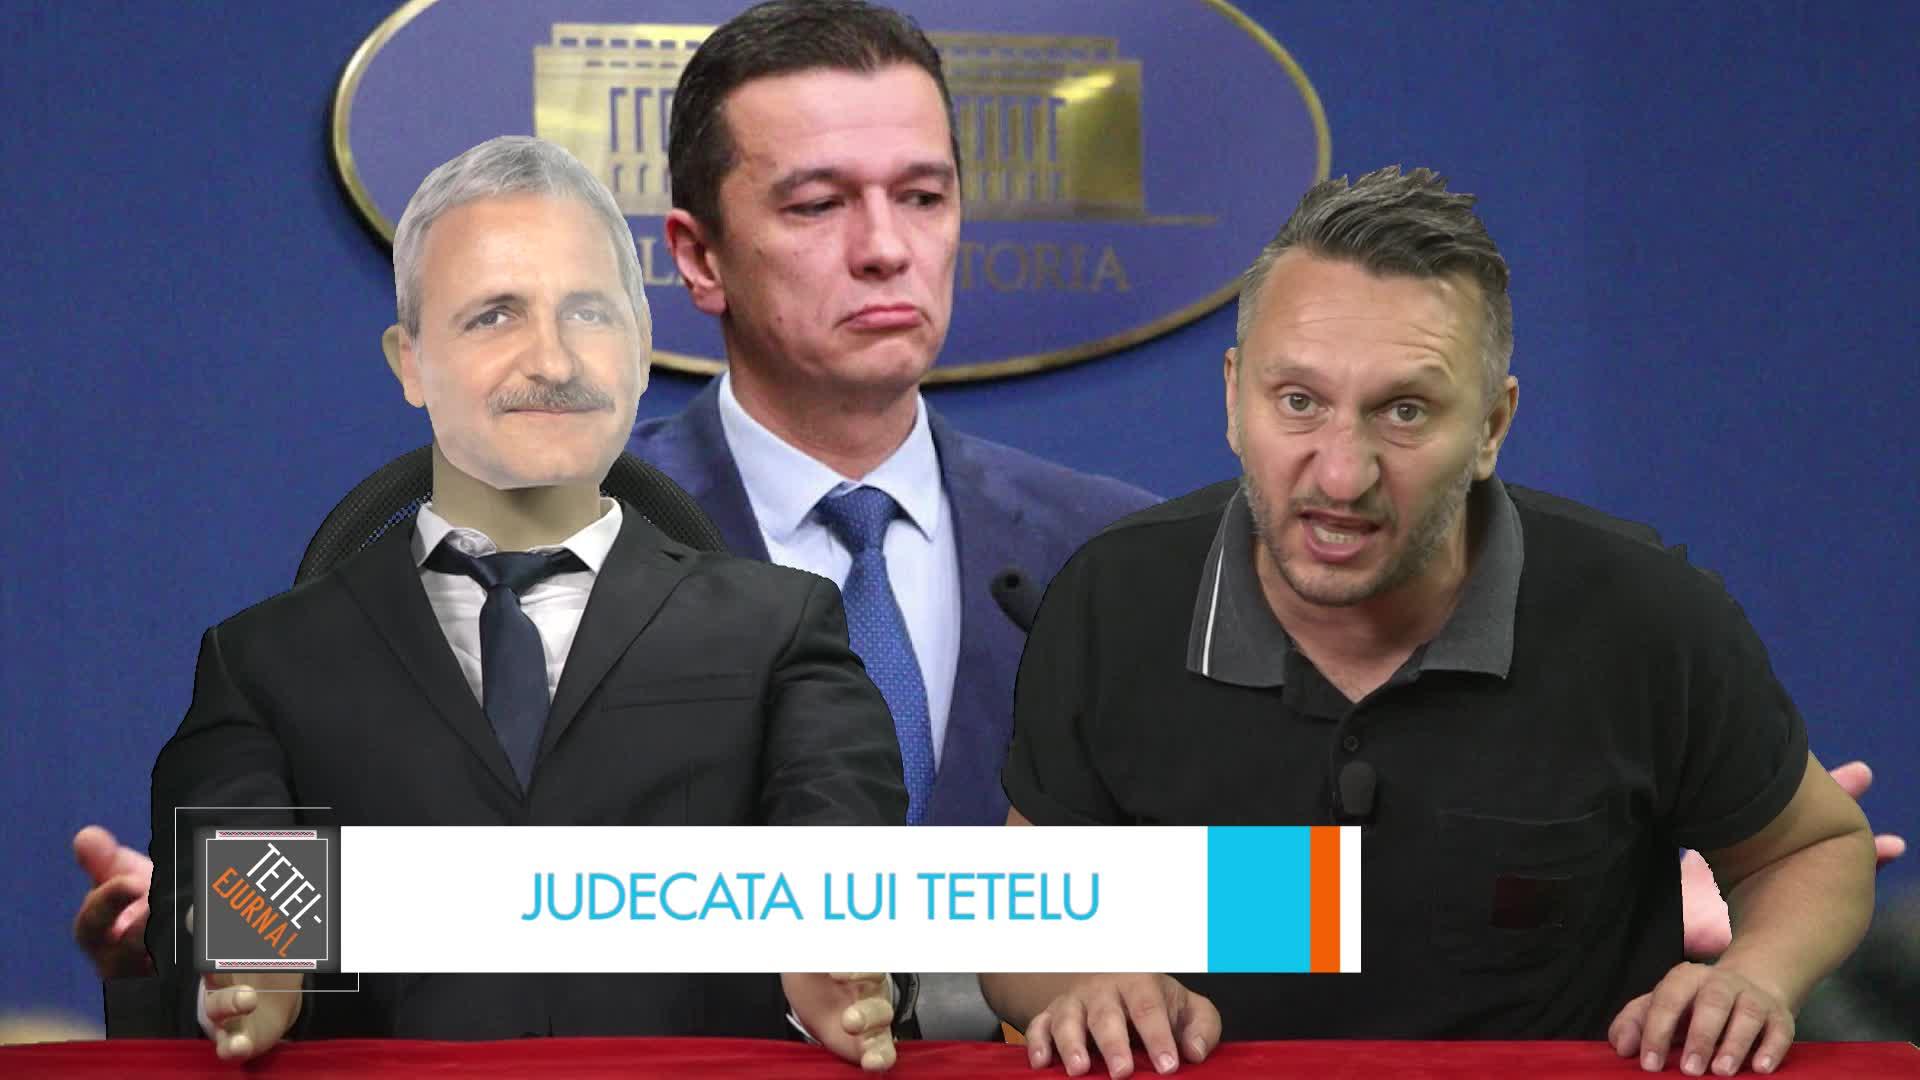 Judecata lui Tetelu: Mulţumiri pentru Silviu Zdragnea